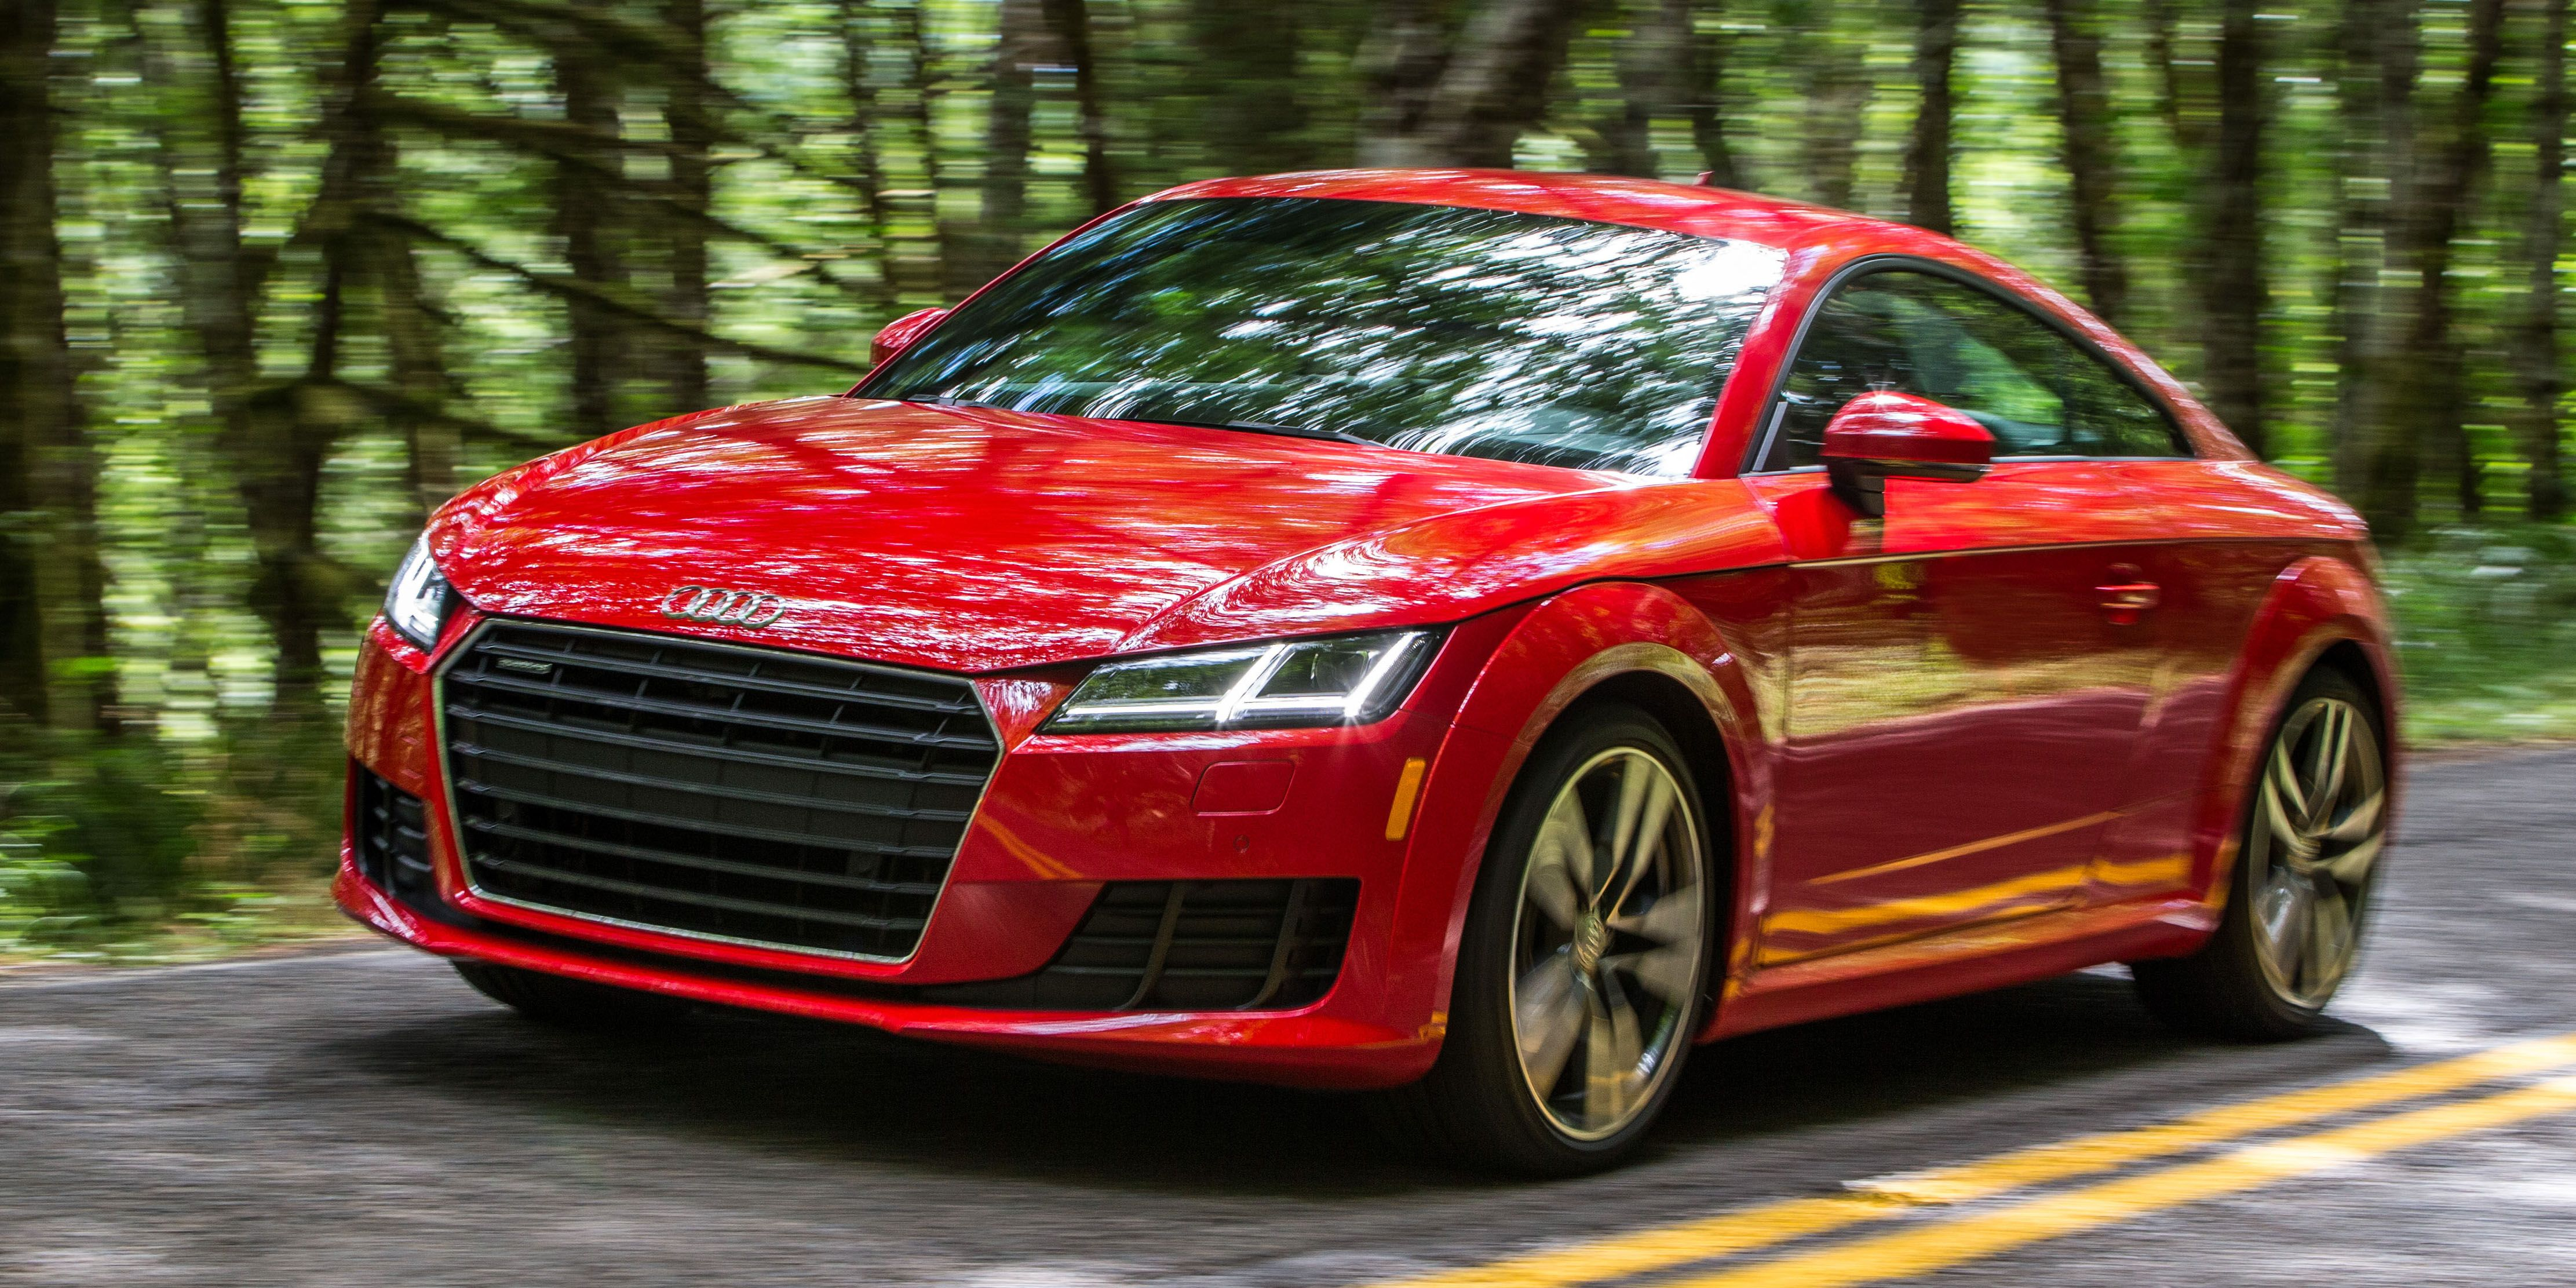 Kelebihan Audi Tt 2016 Review